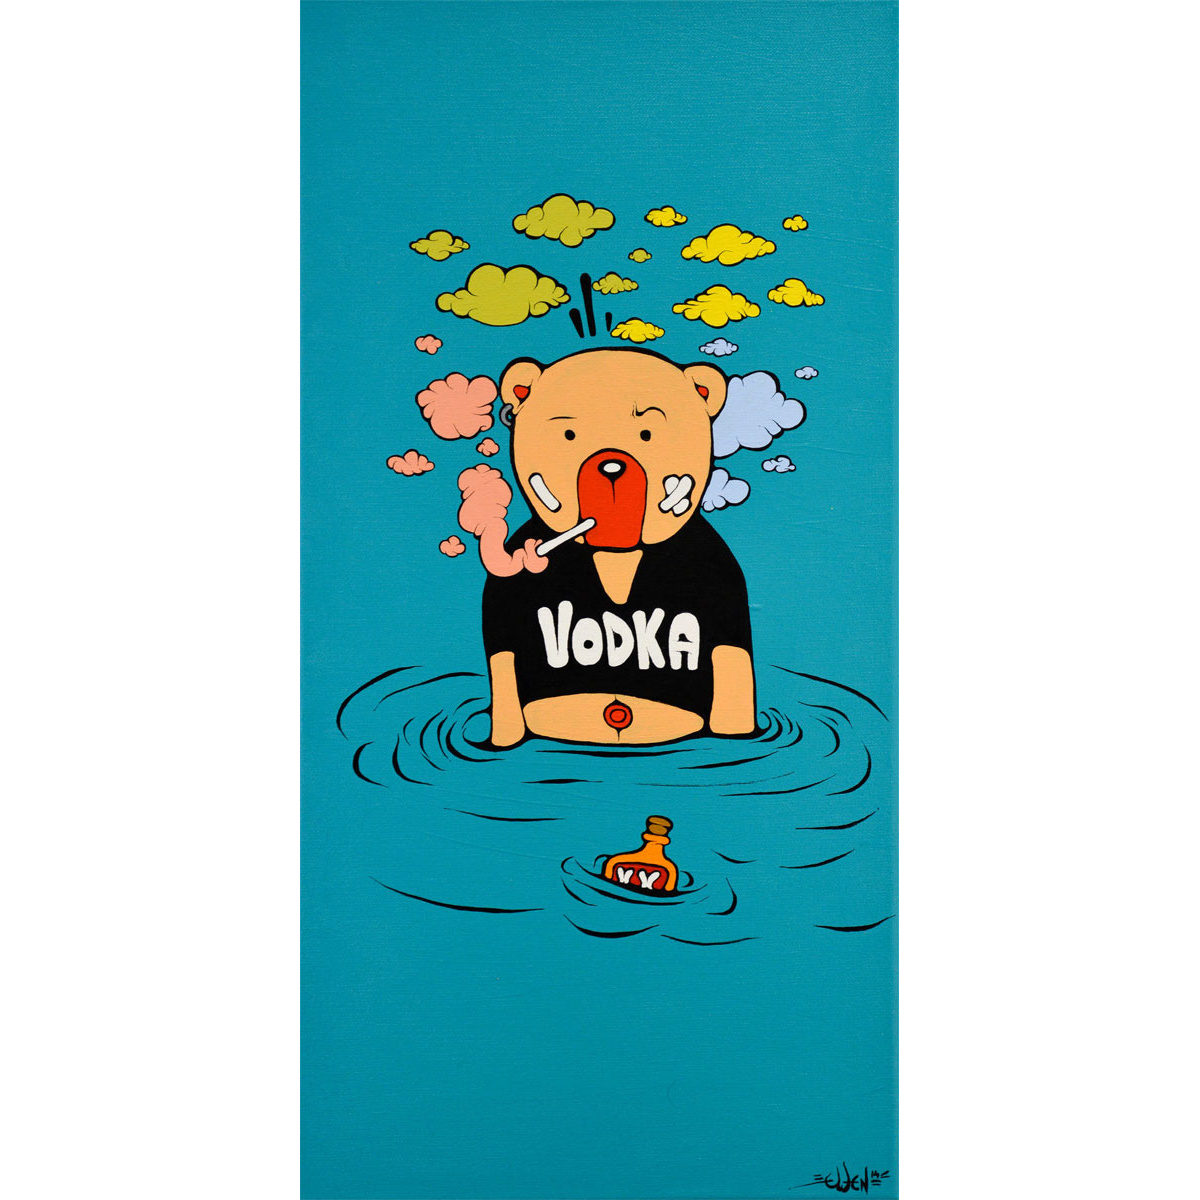 Drowning in Vodka von Ewen Gur